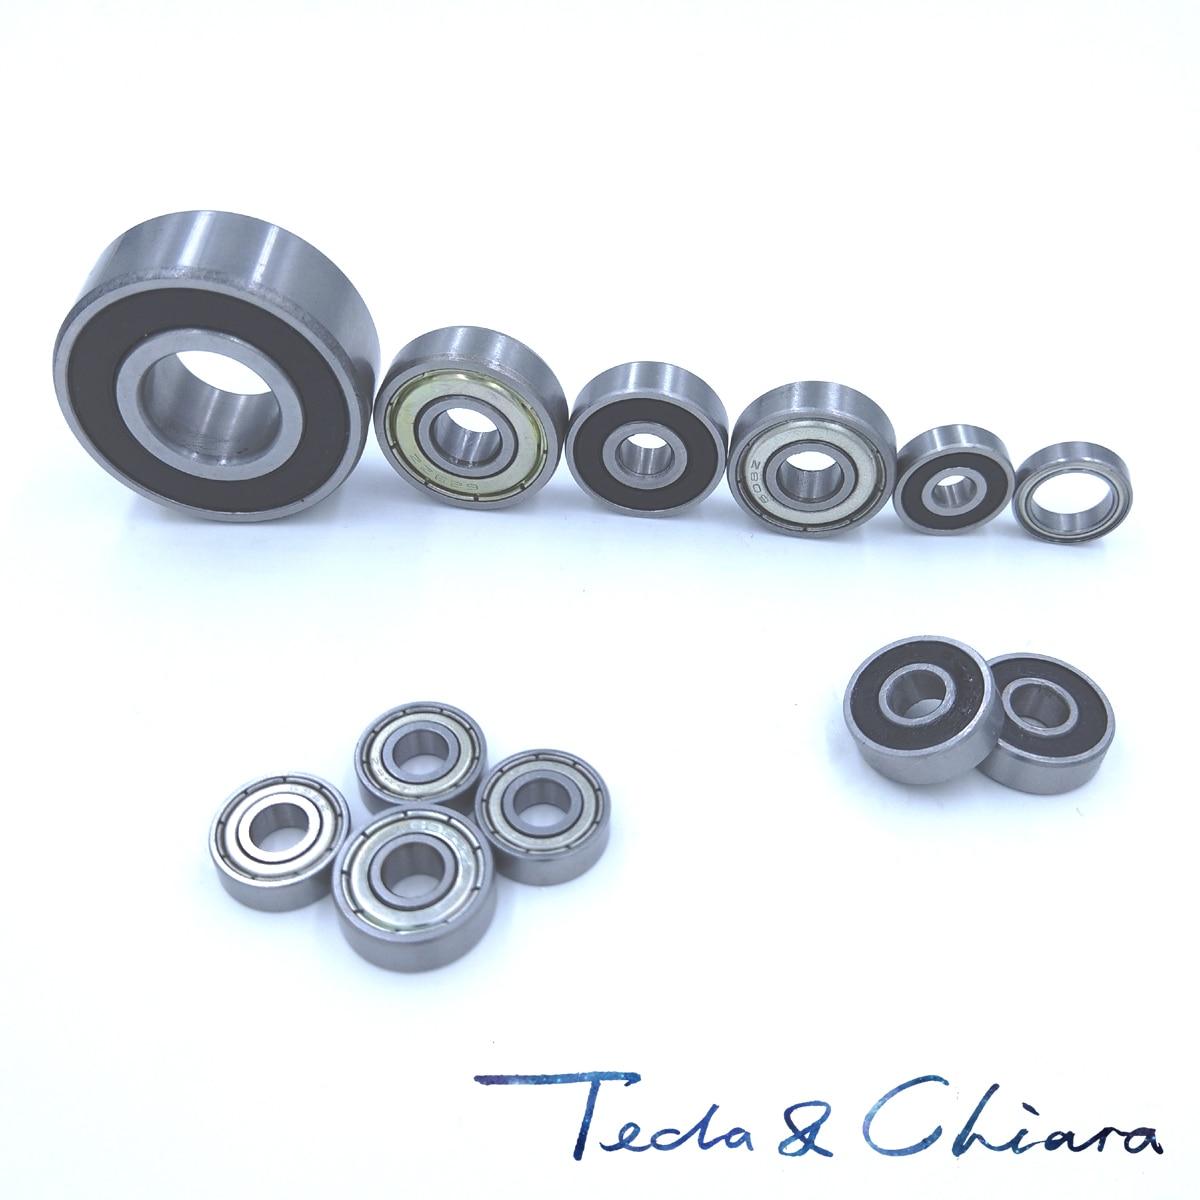 10Pcs 1Lot 623 623ZZ 623RS 623-2Z 623Z 623-2RS ZZ RS RZ 2RZ Deep Groove Ball Bearings 3 X 10 X 4mm